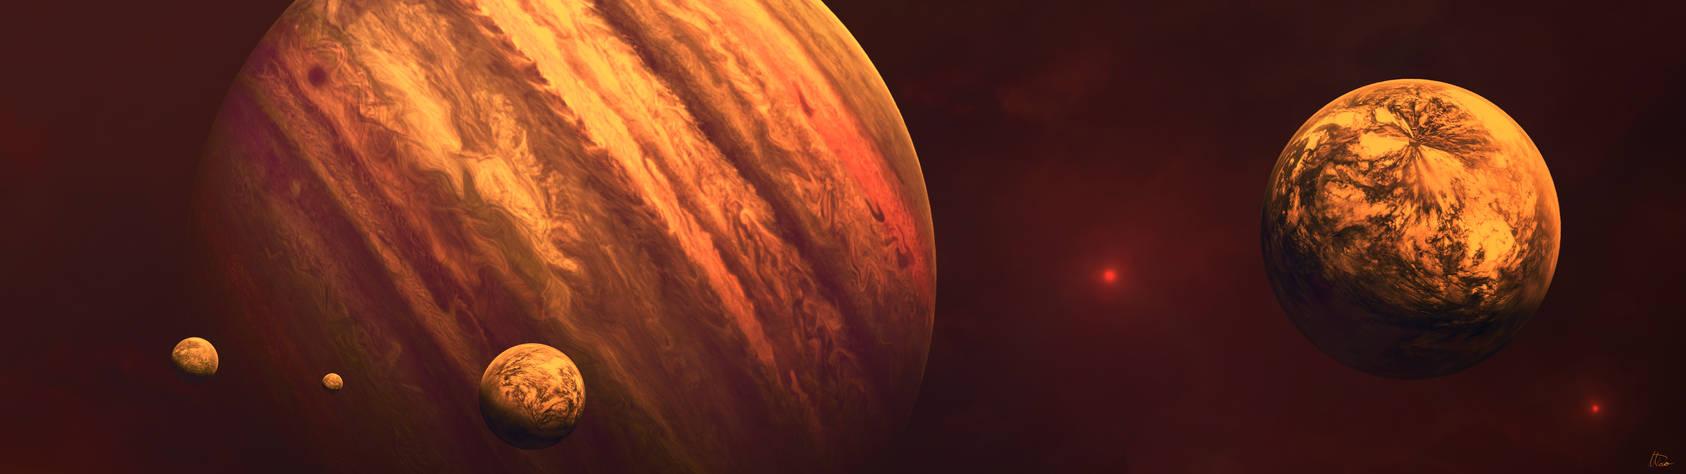 Jovian Moons